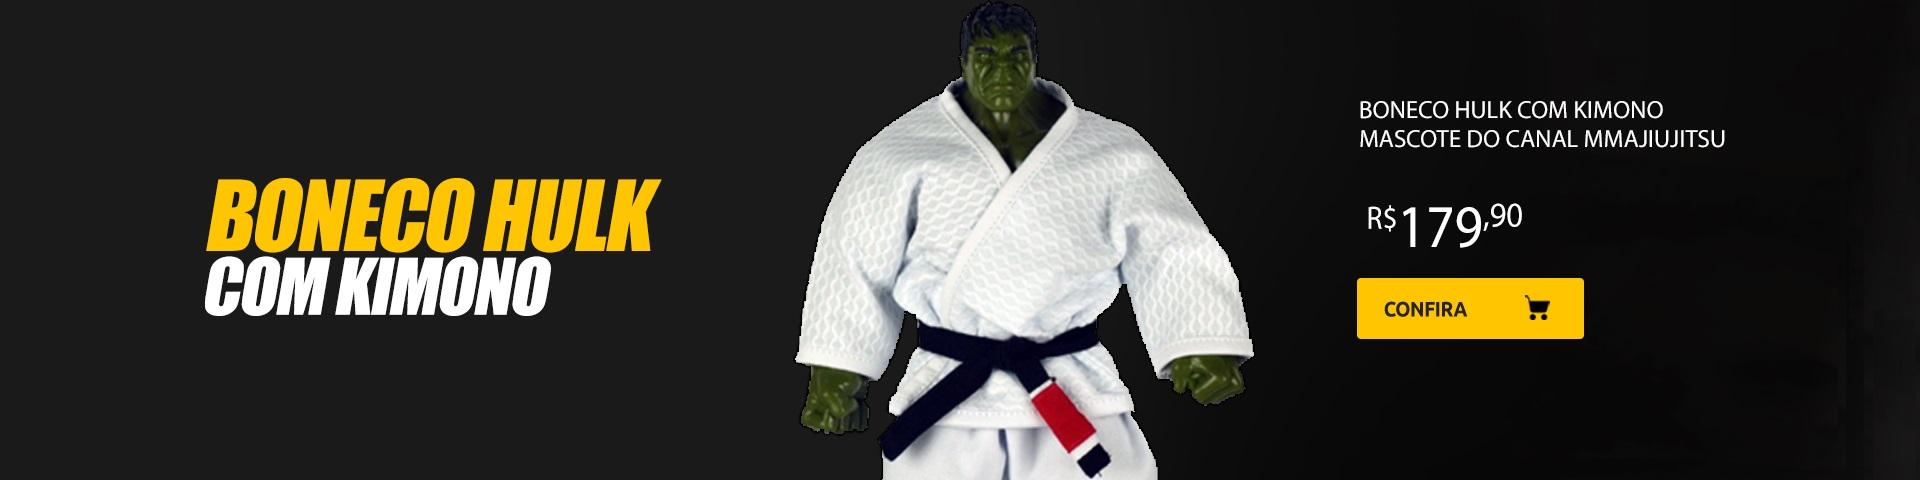 Hulk com kimono